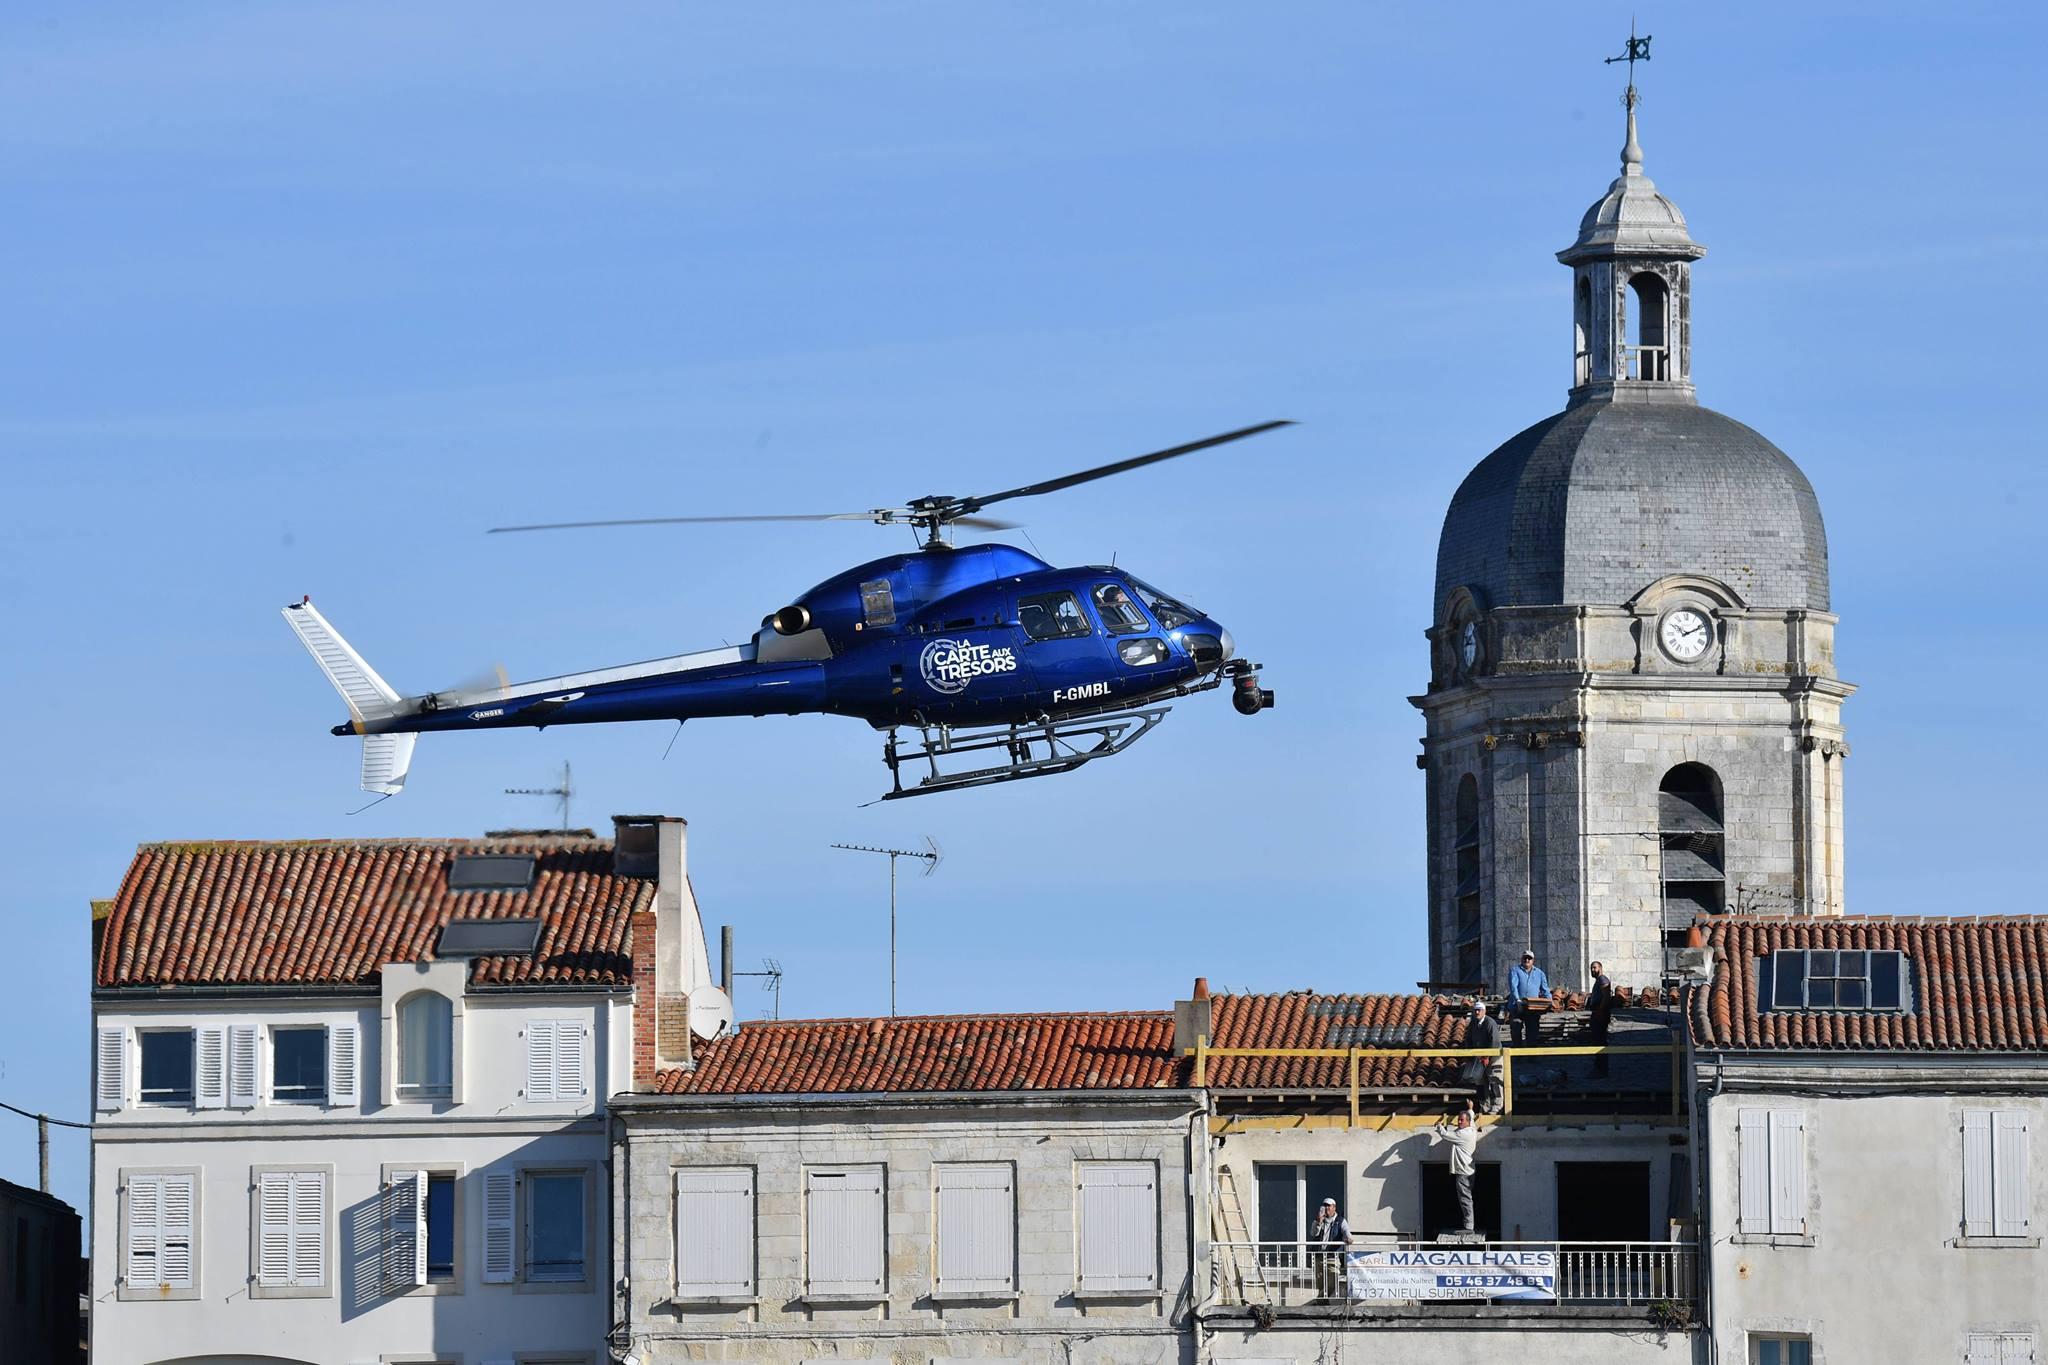 [Spécial] La Carte aux trésors en Charente-Maritime et au Fort Boyard - 17 avril 2019 à 21h sur France 3 42448010